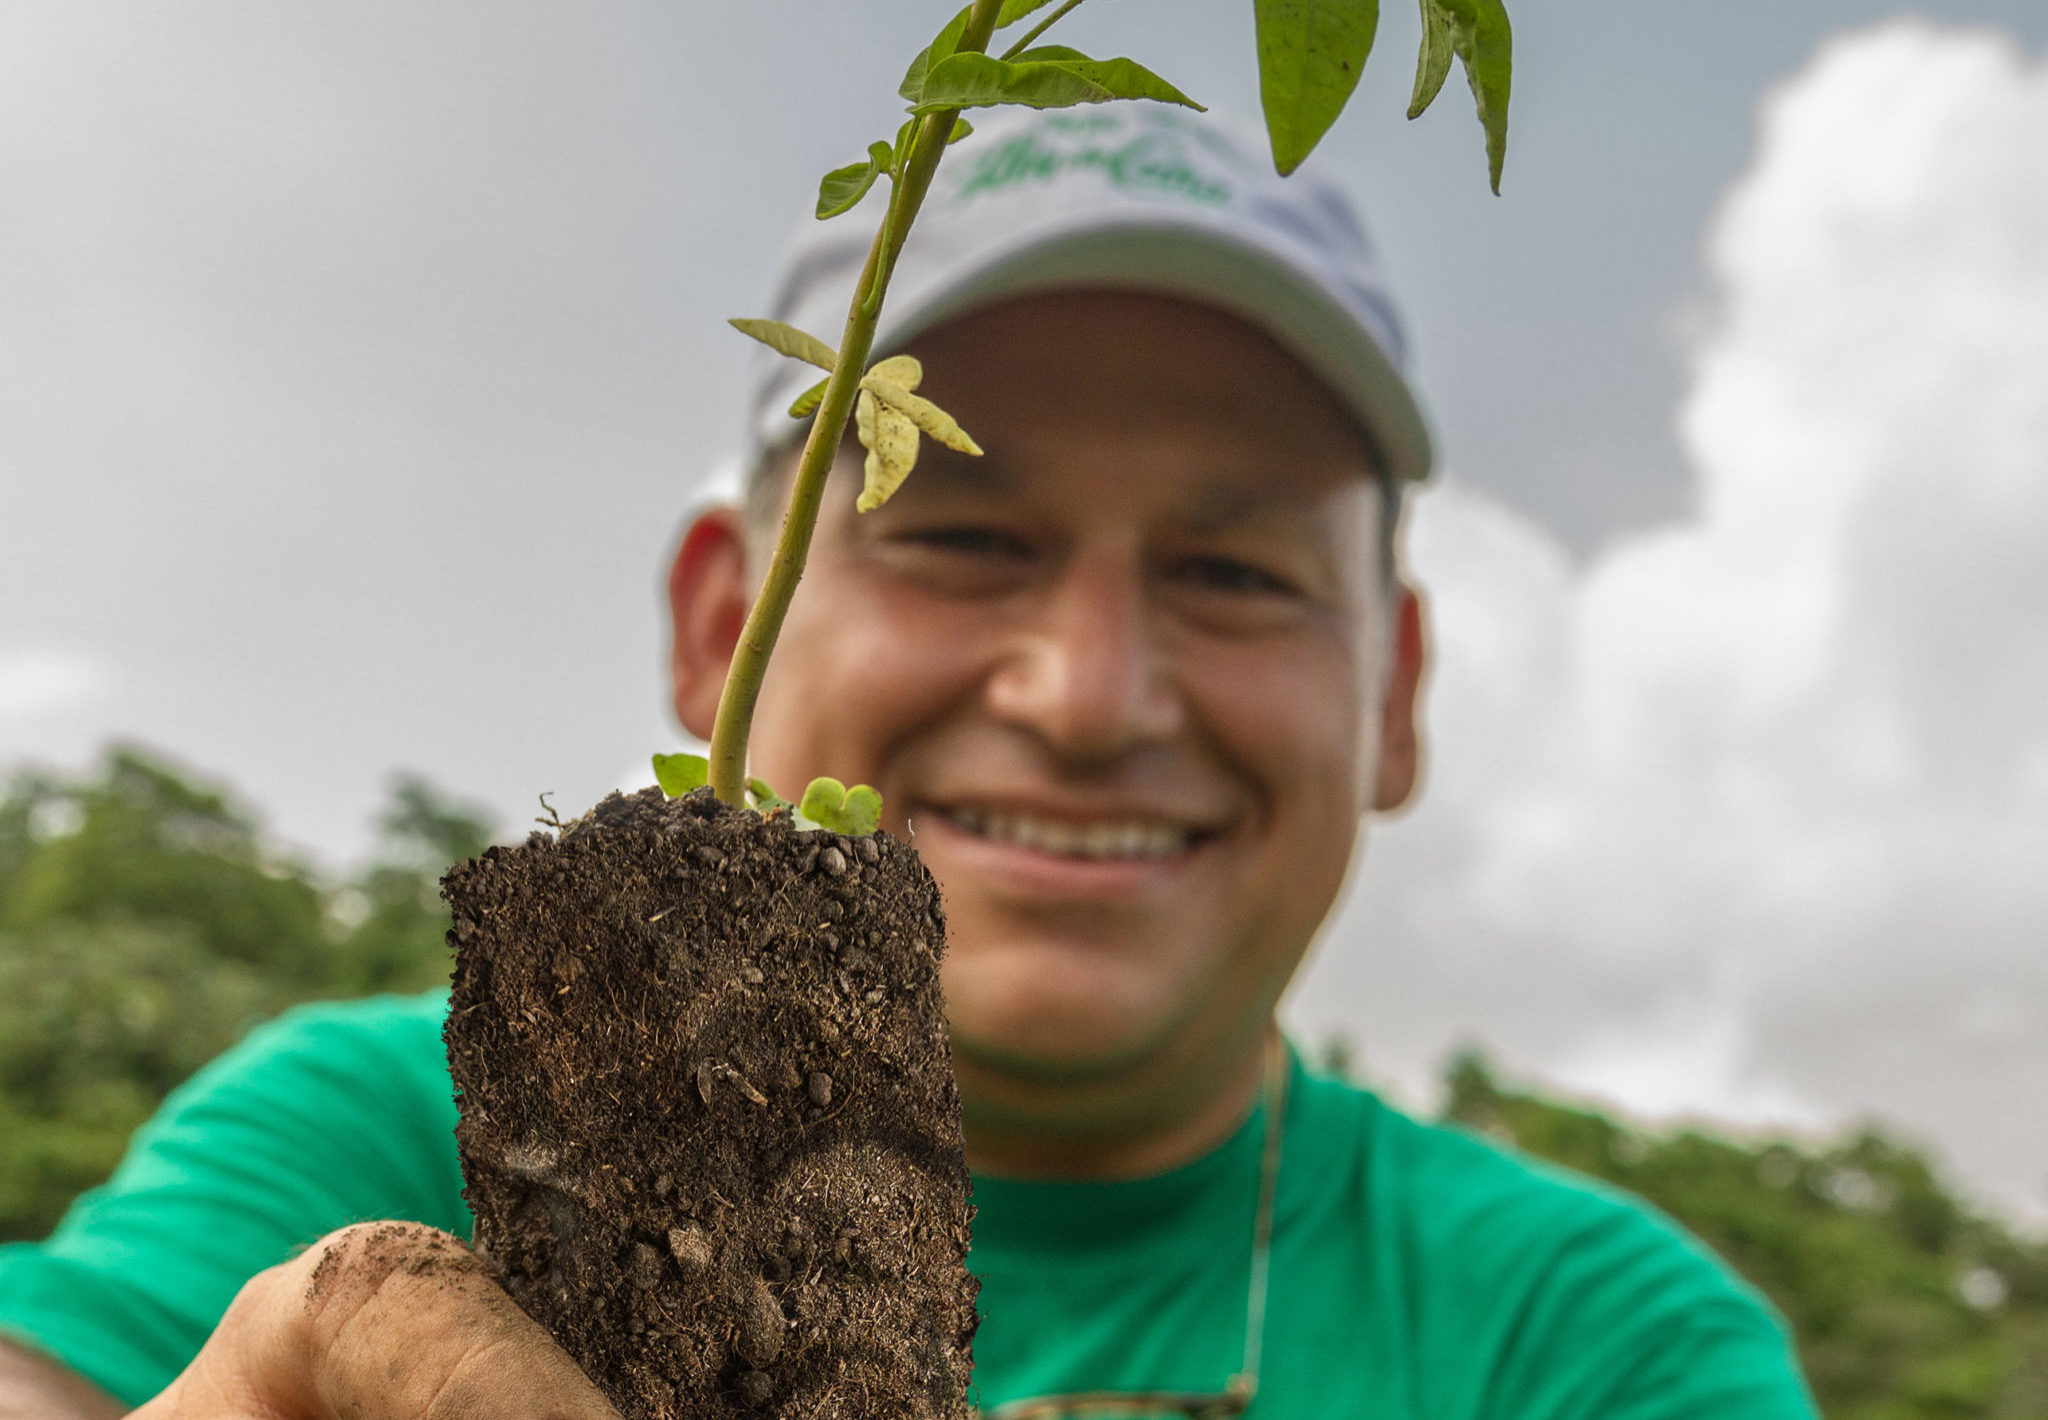 Flor de Caña y One Tree Planted suman esfuerzos para plantar más árboles